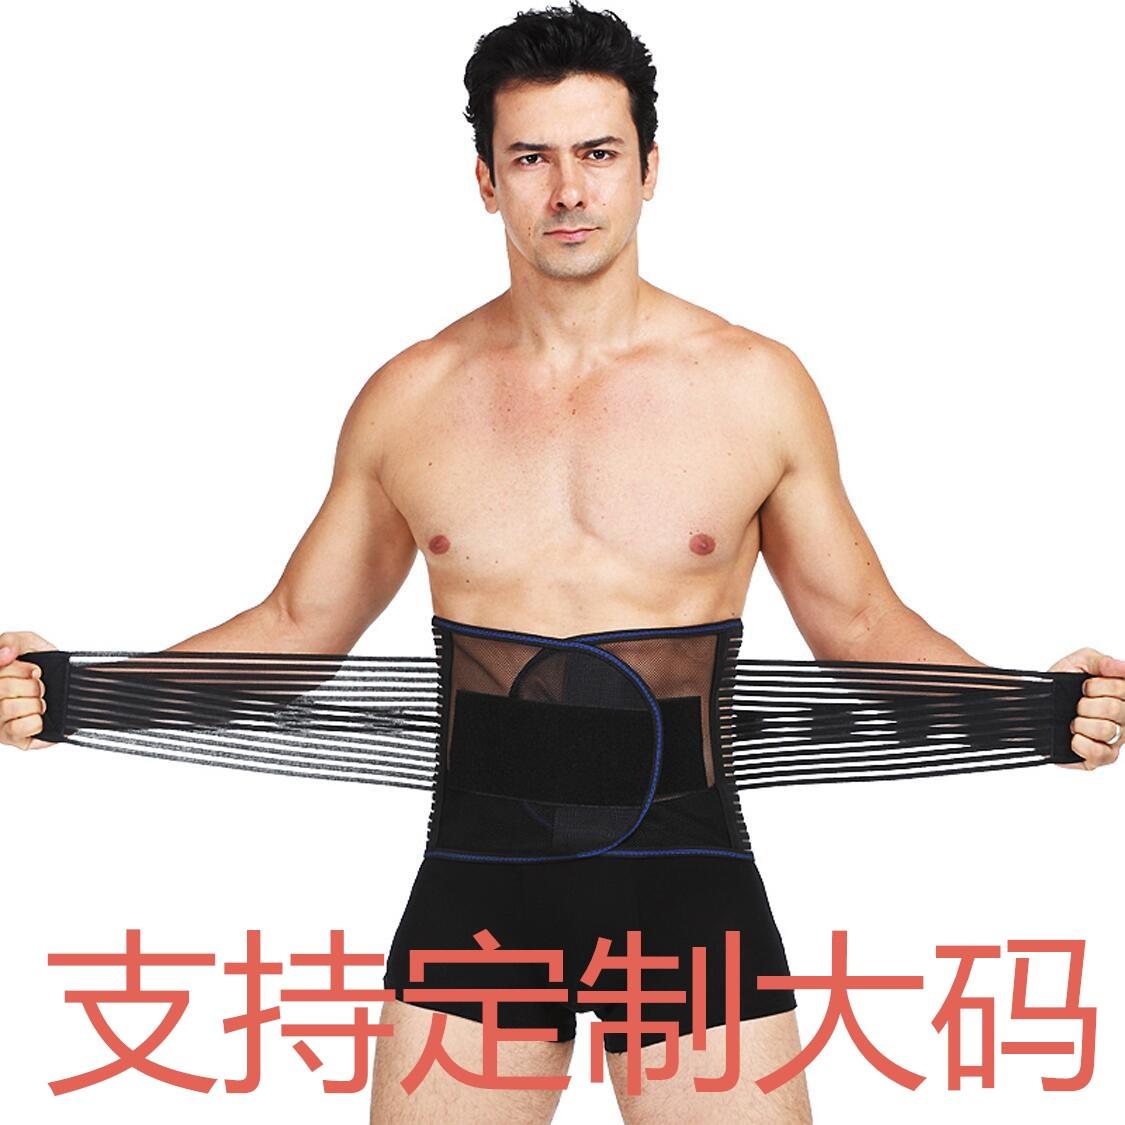 男士收腹带减啤酒肚隐形腰封束腹束腰绑带瘦身塑身衣瘦肚子护腰带